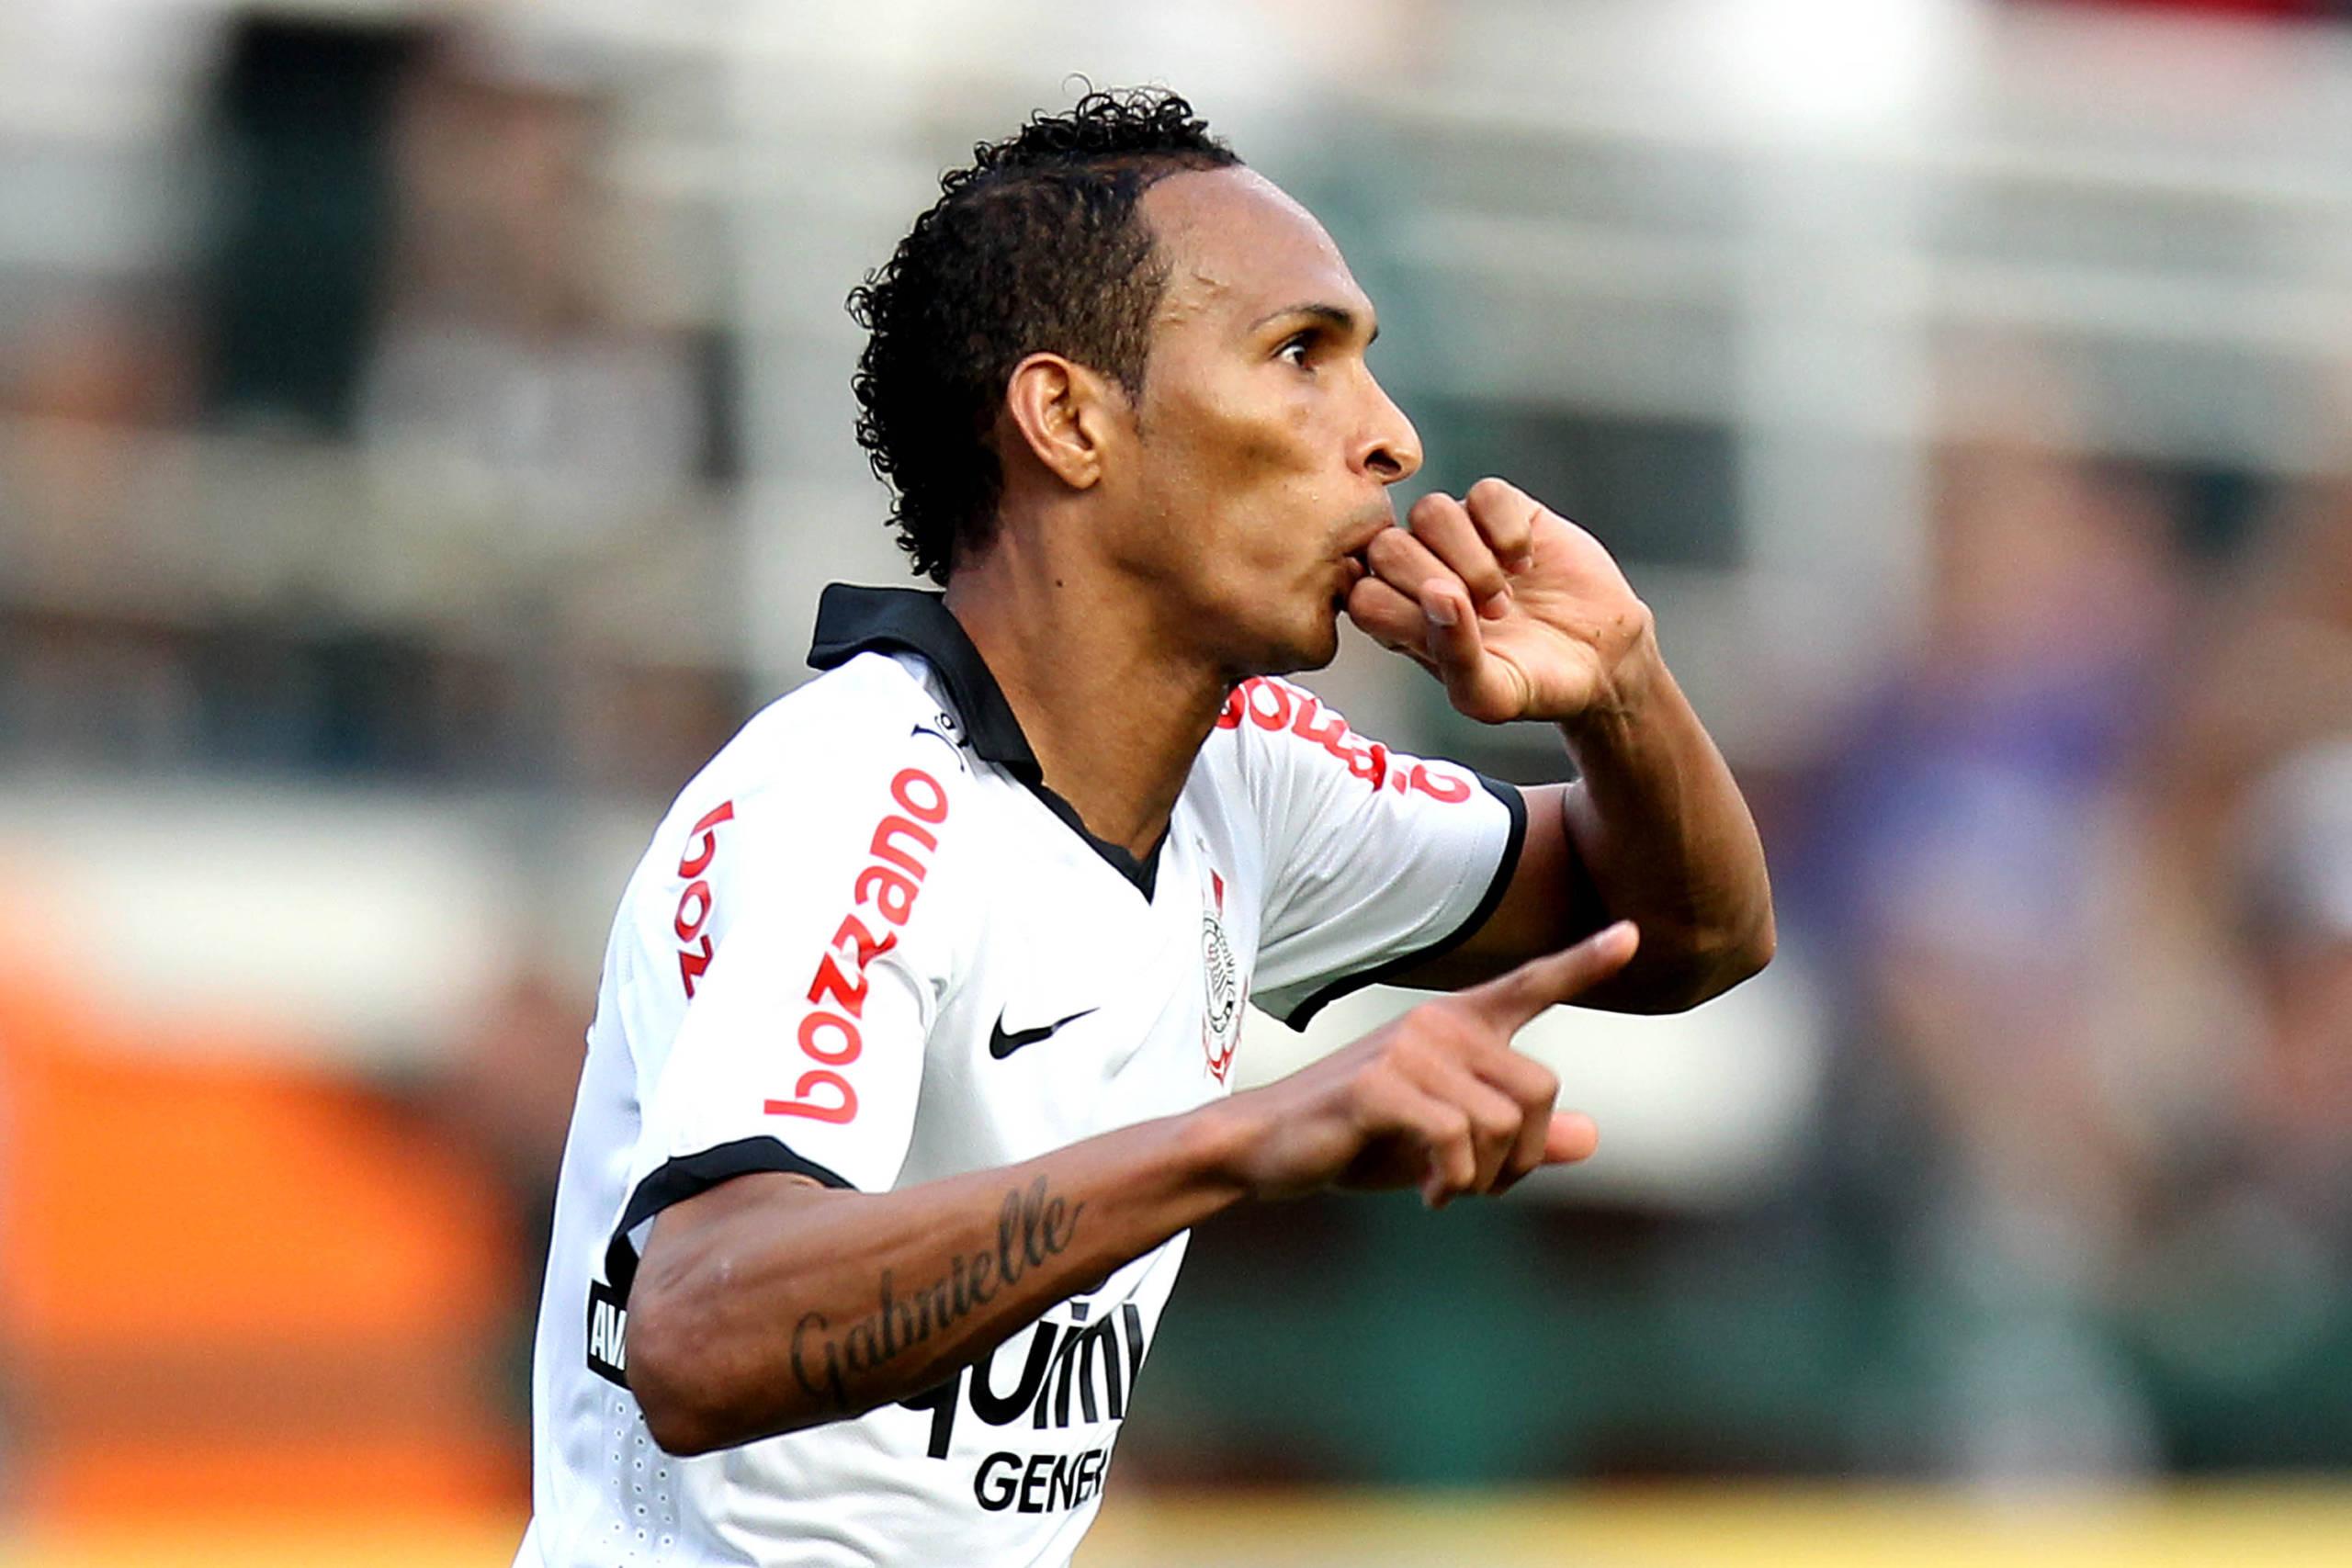 Relembre imagens de Liédson pelo Corinthians